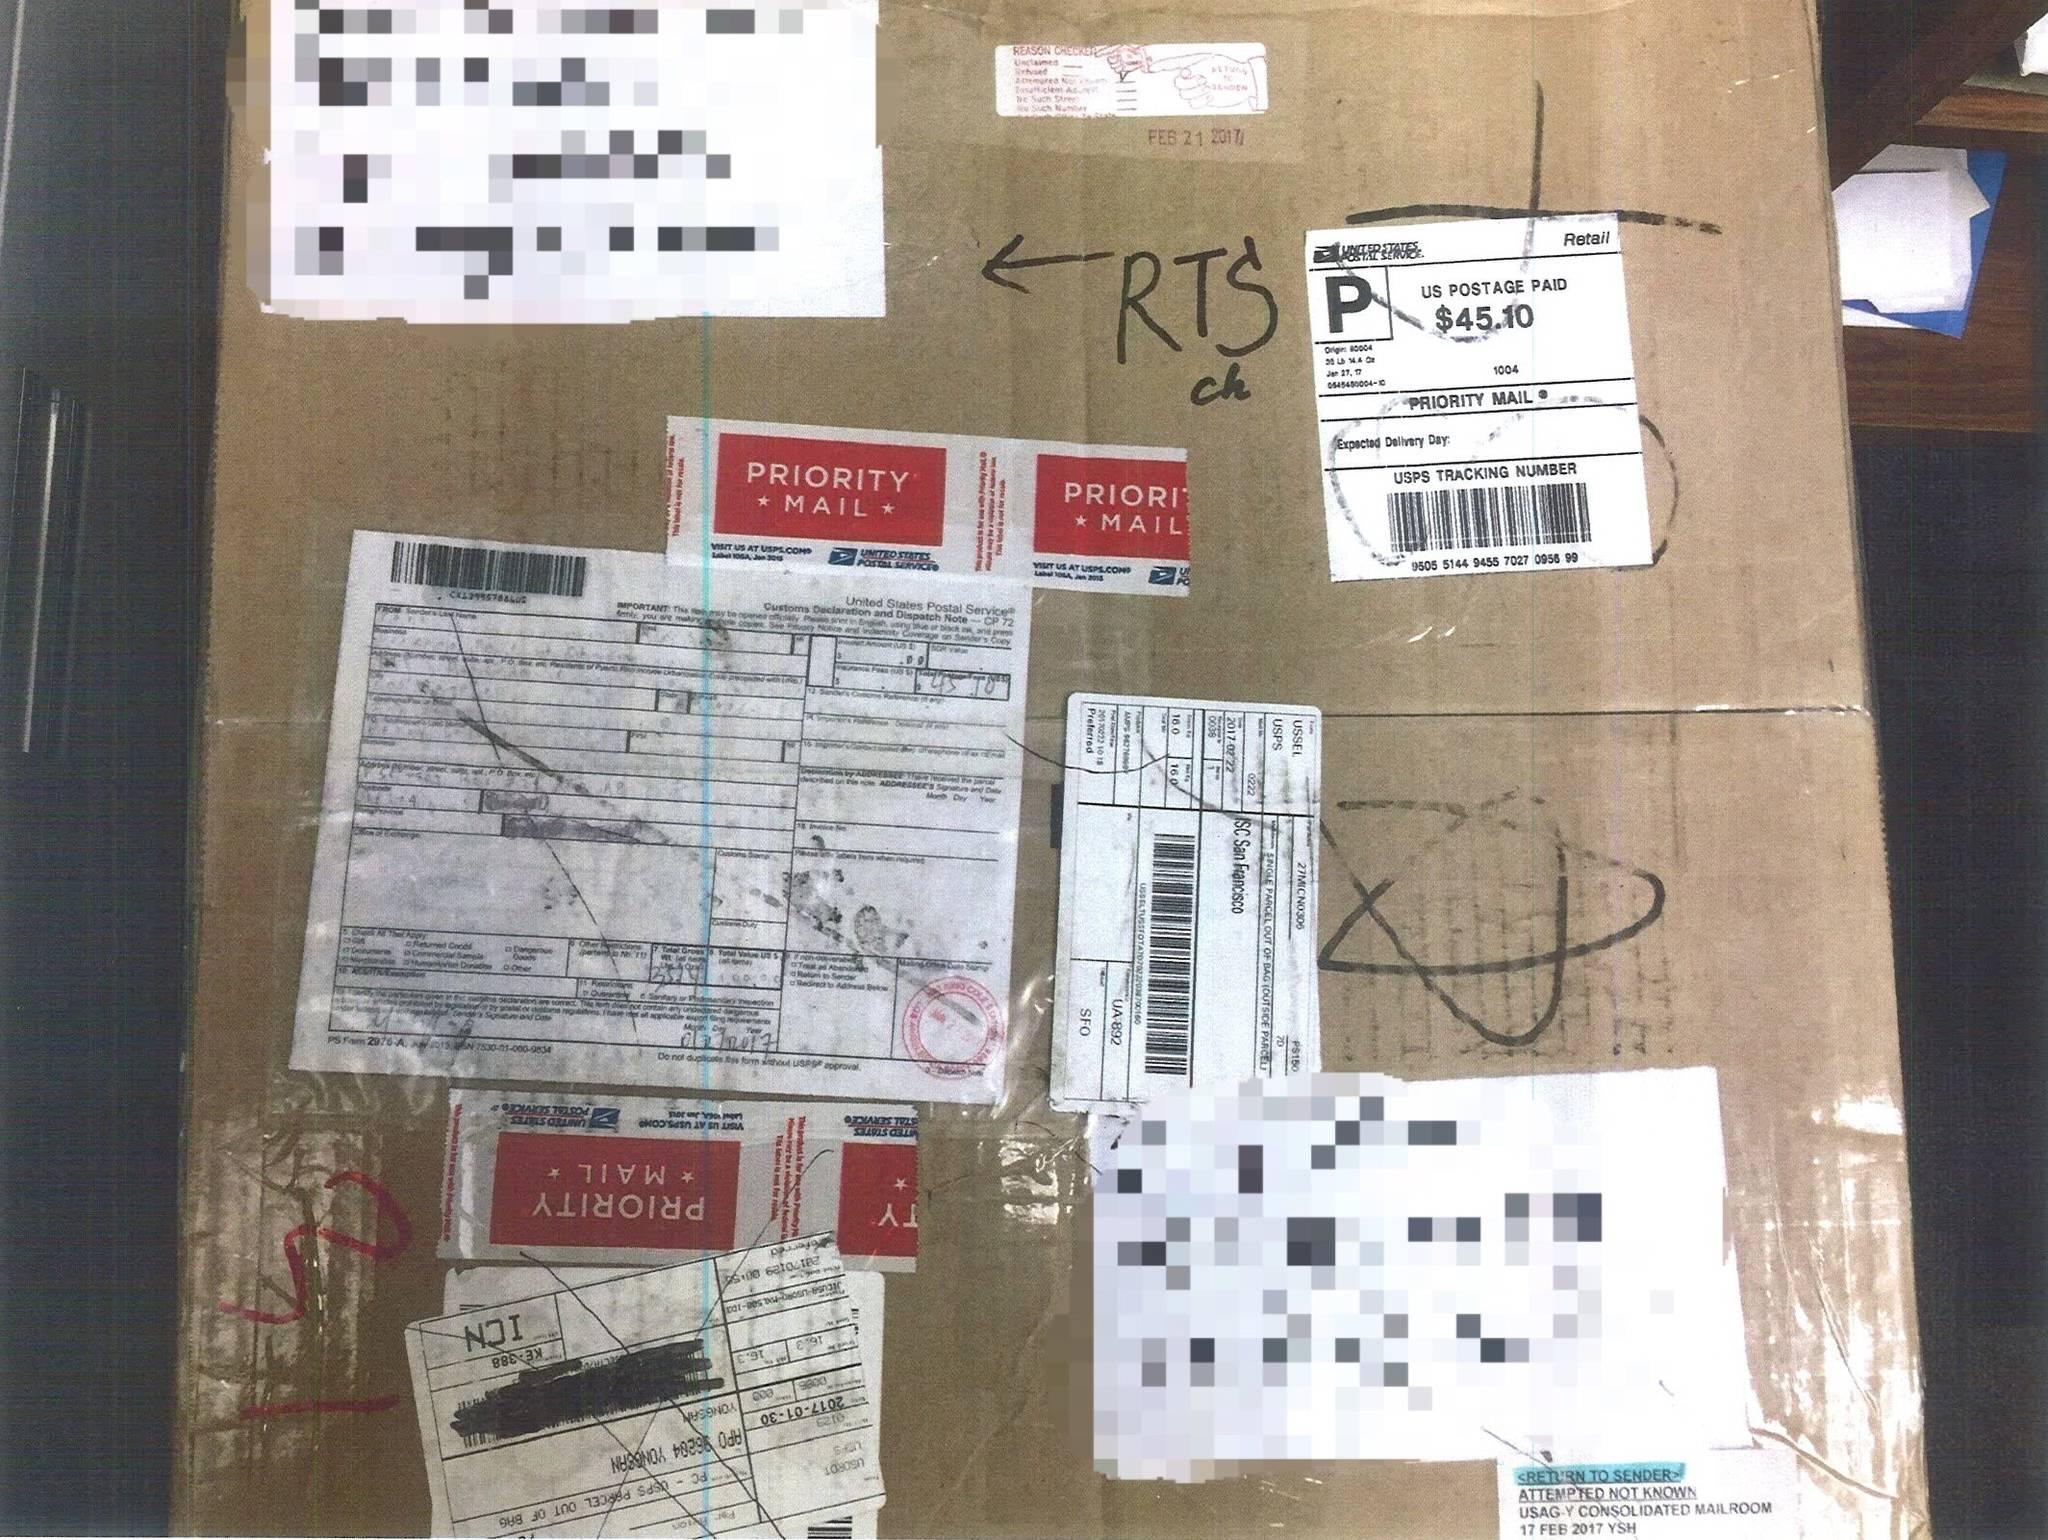 피의자들이 국제우편을 통해 밀반입한 마약들. [사진 서울경찰청 광역수사대]